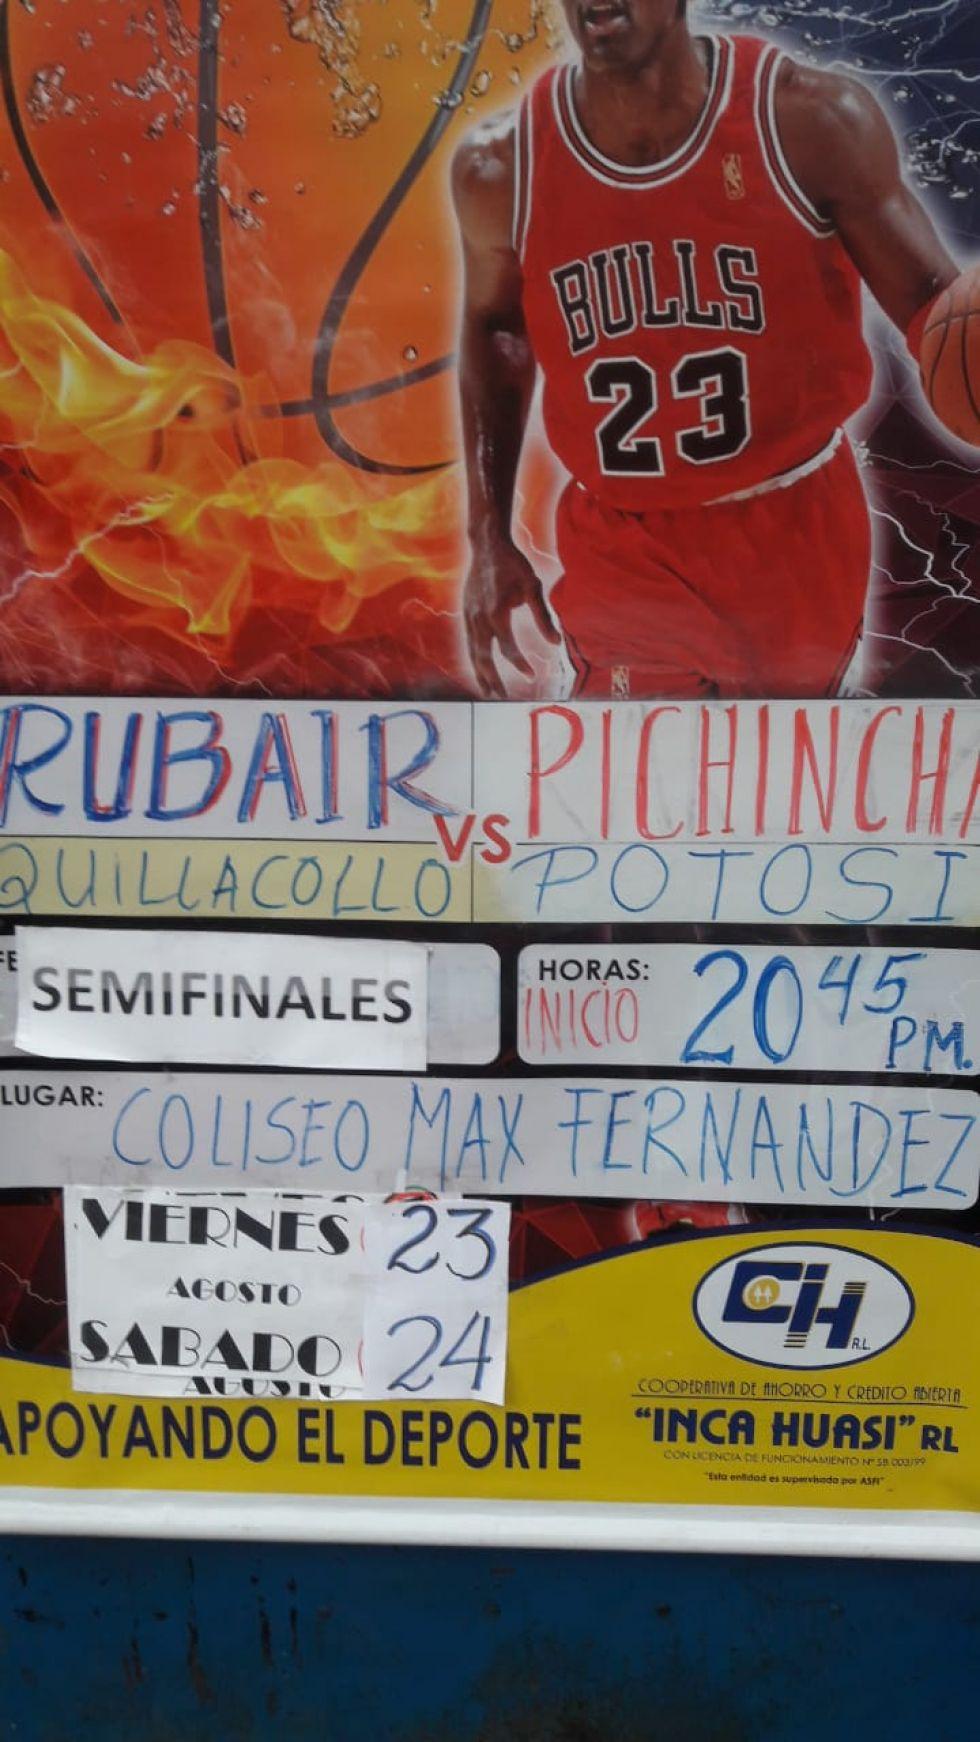 El cartel que anuncia el partido.